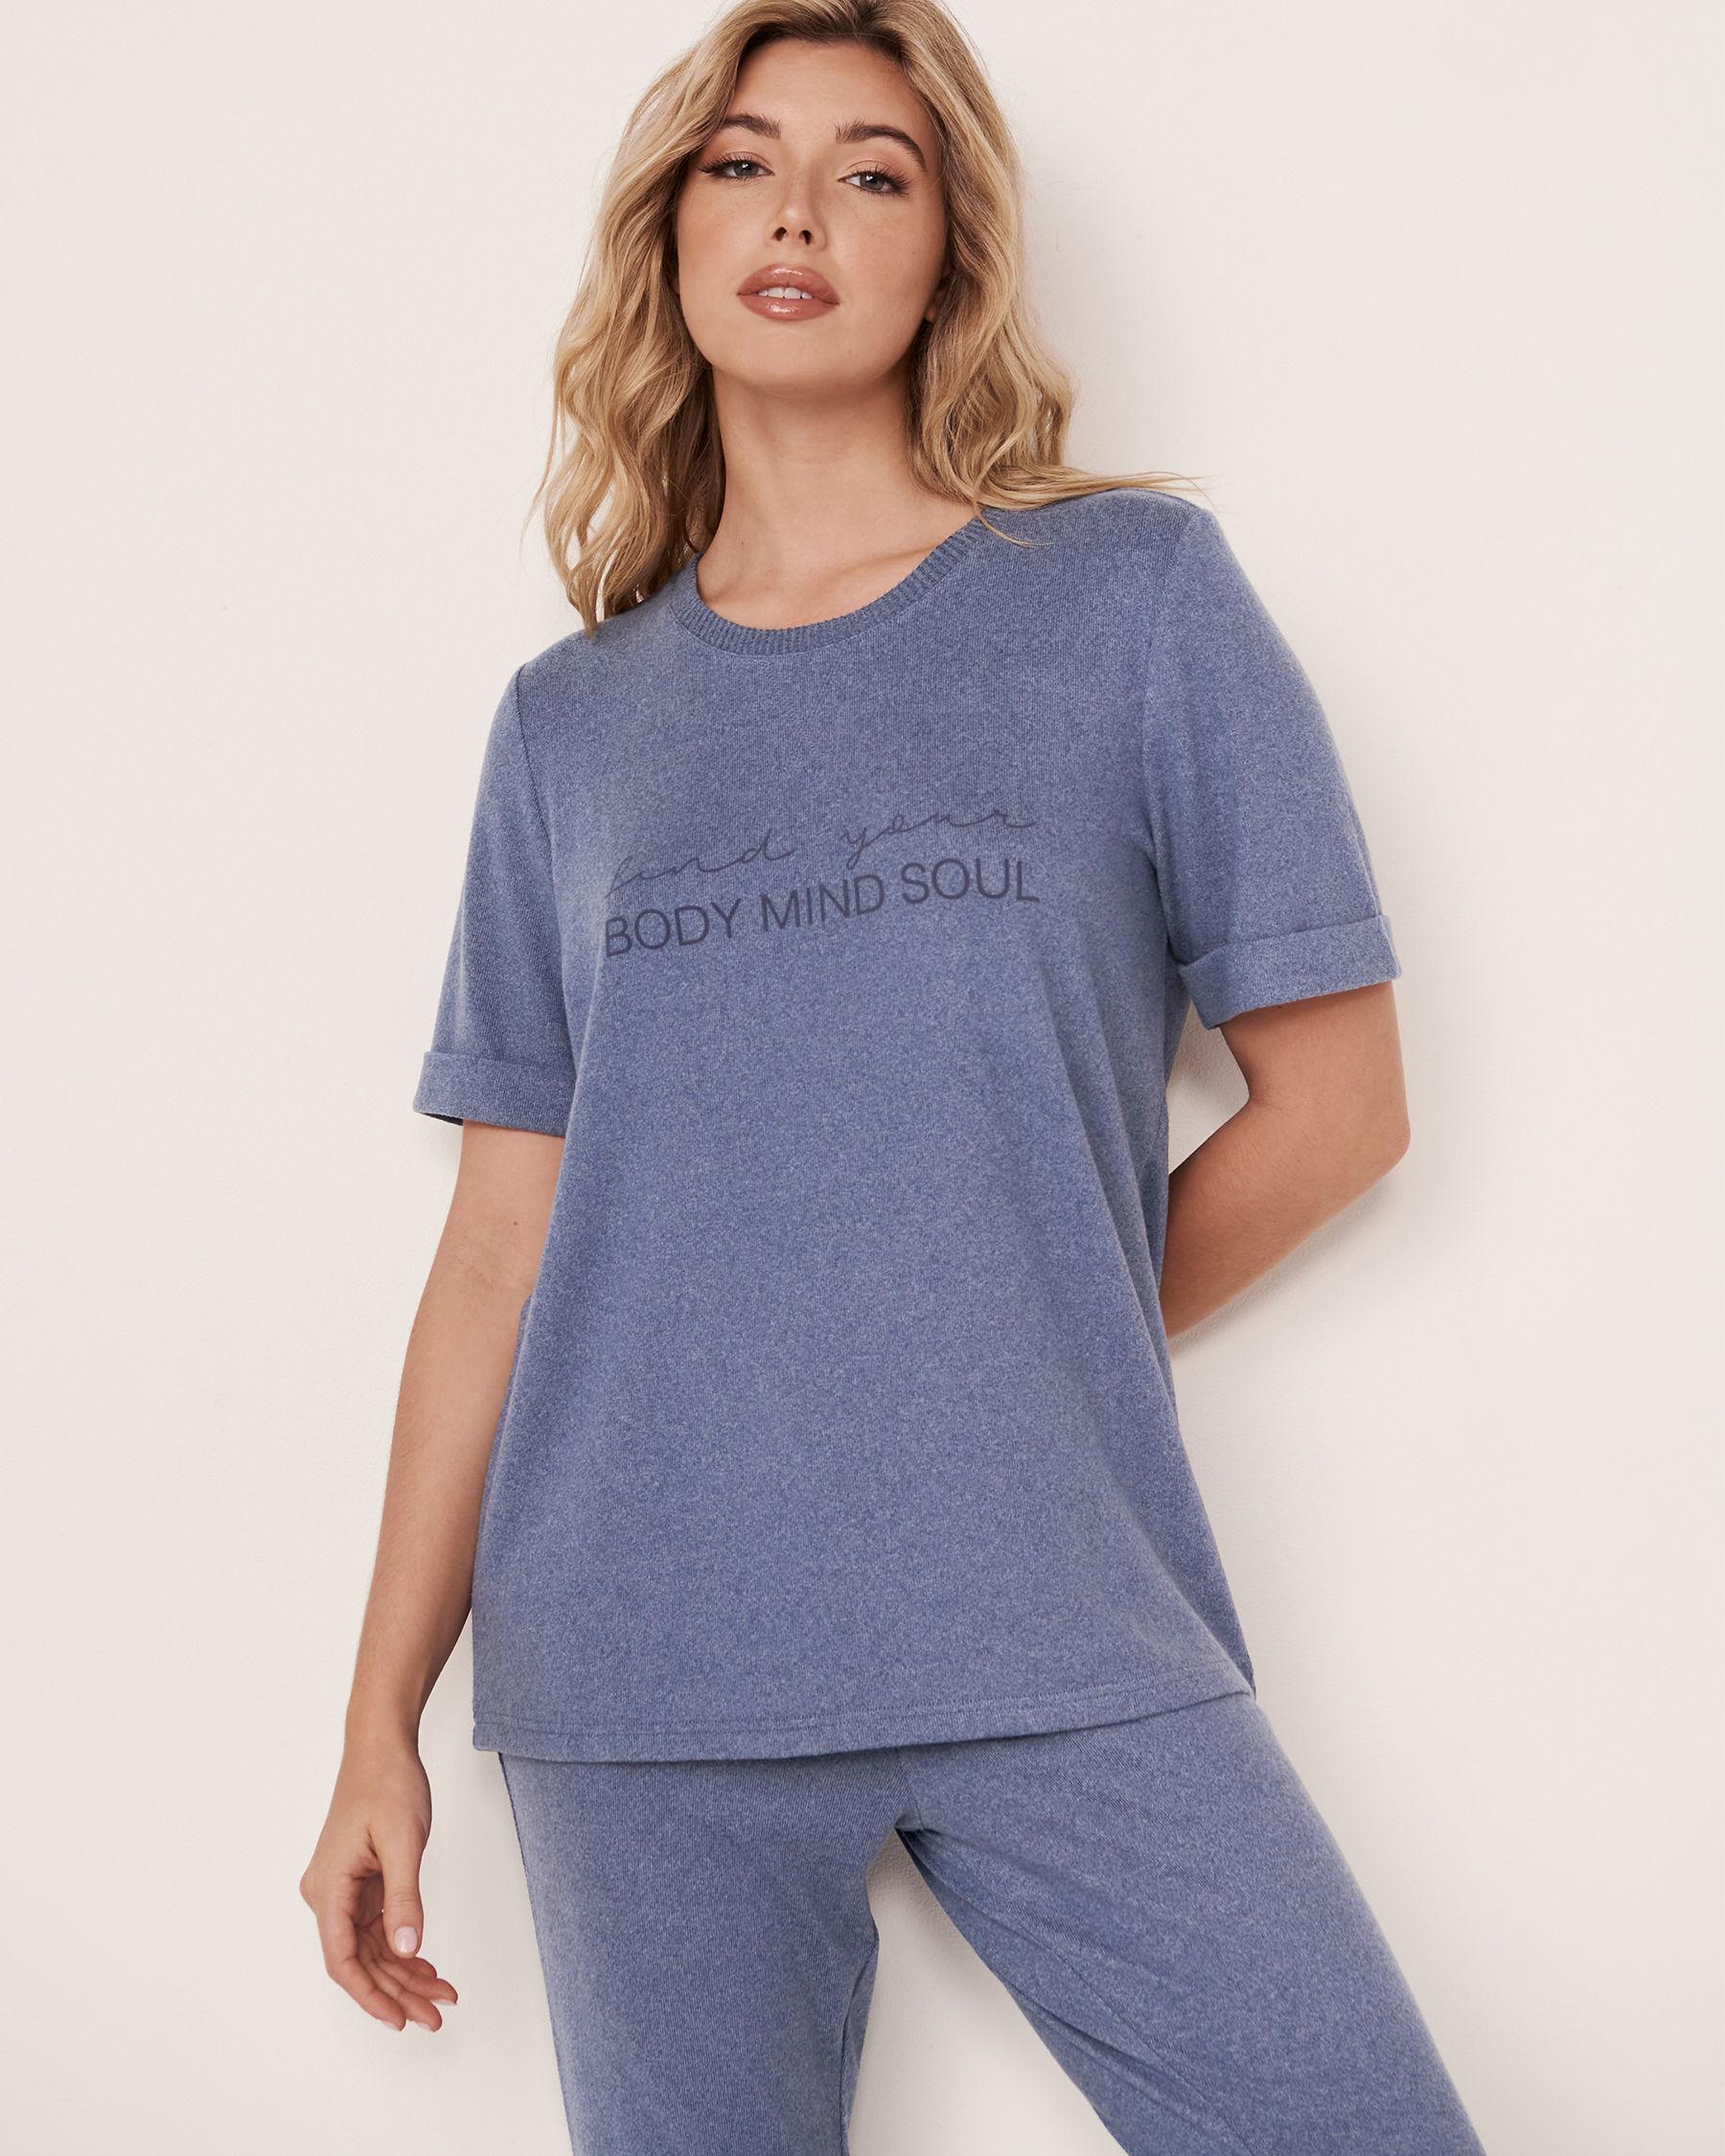 LA VIE EN ROSE Soft Knit T-shirt Blue denim mix 50100011 - View1